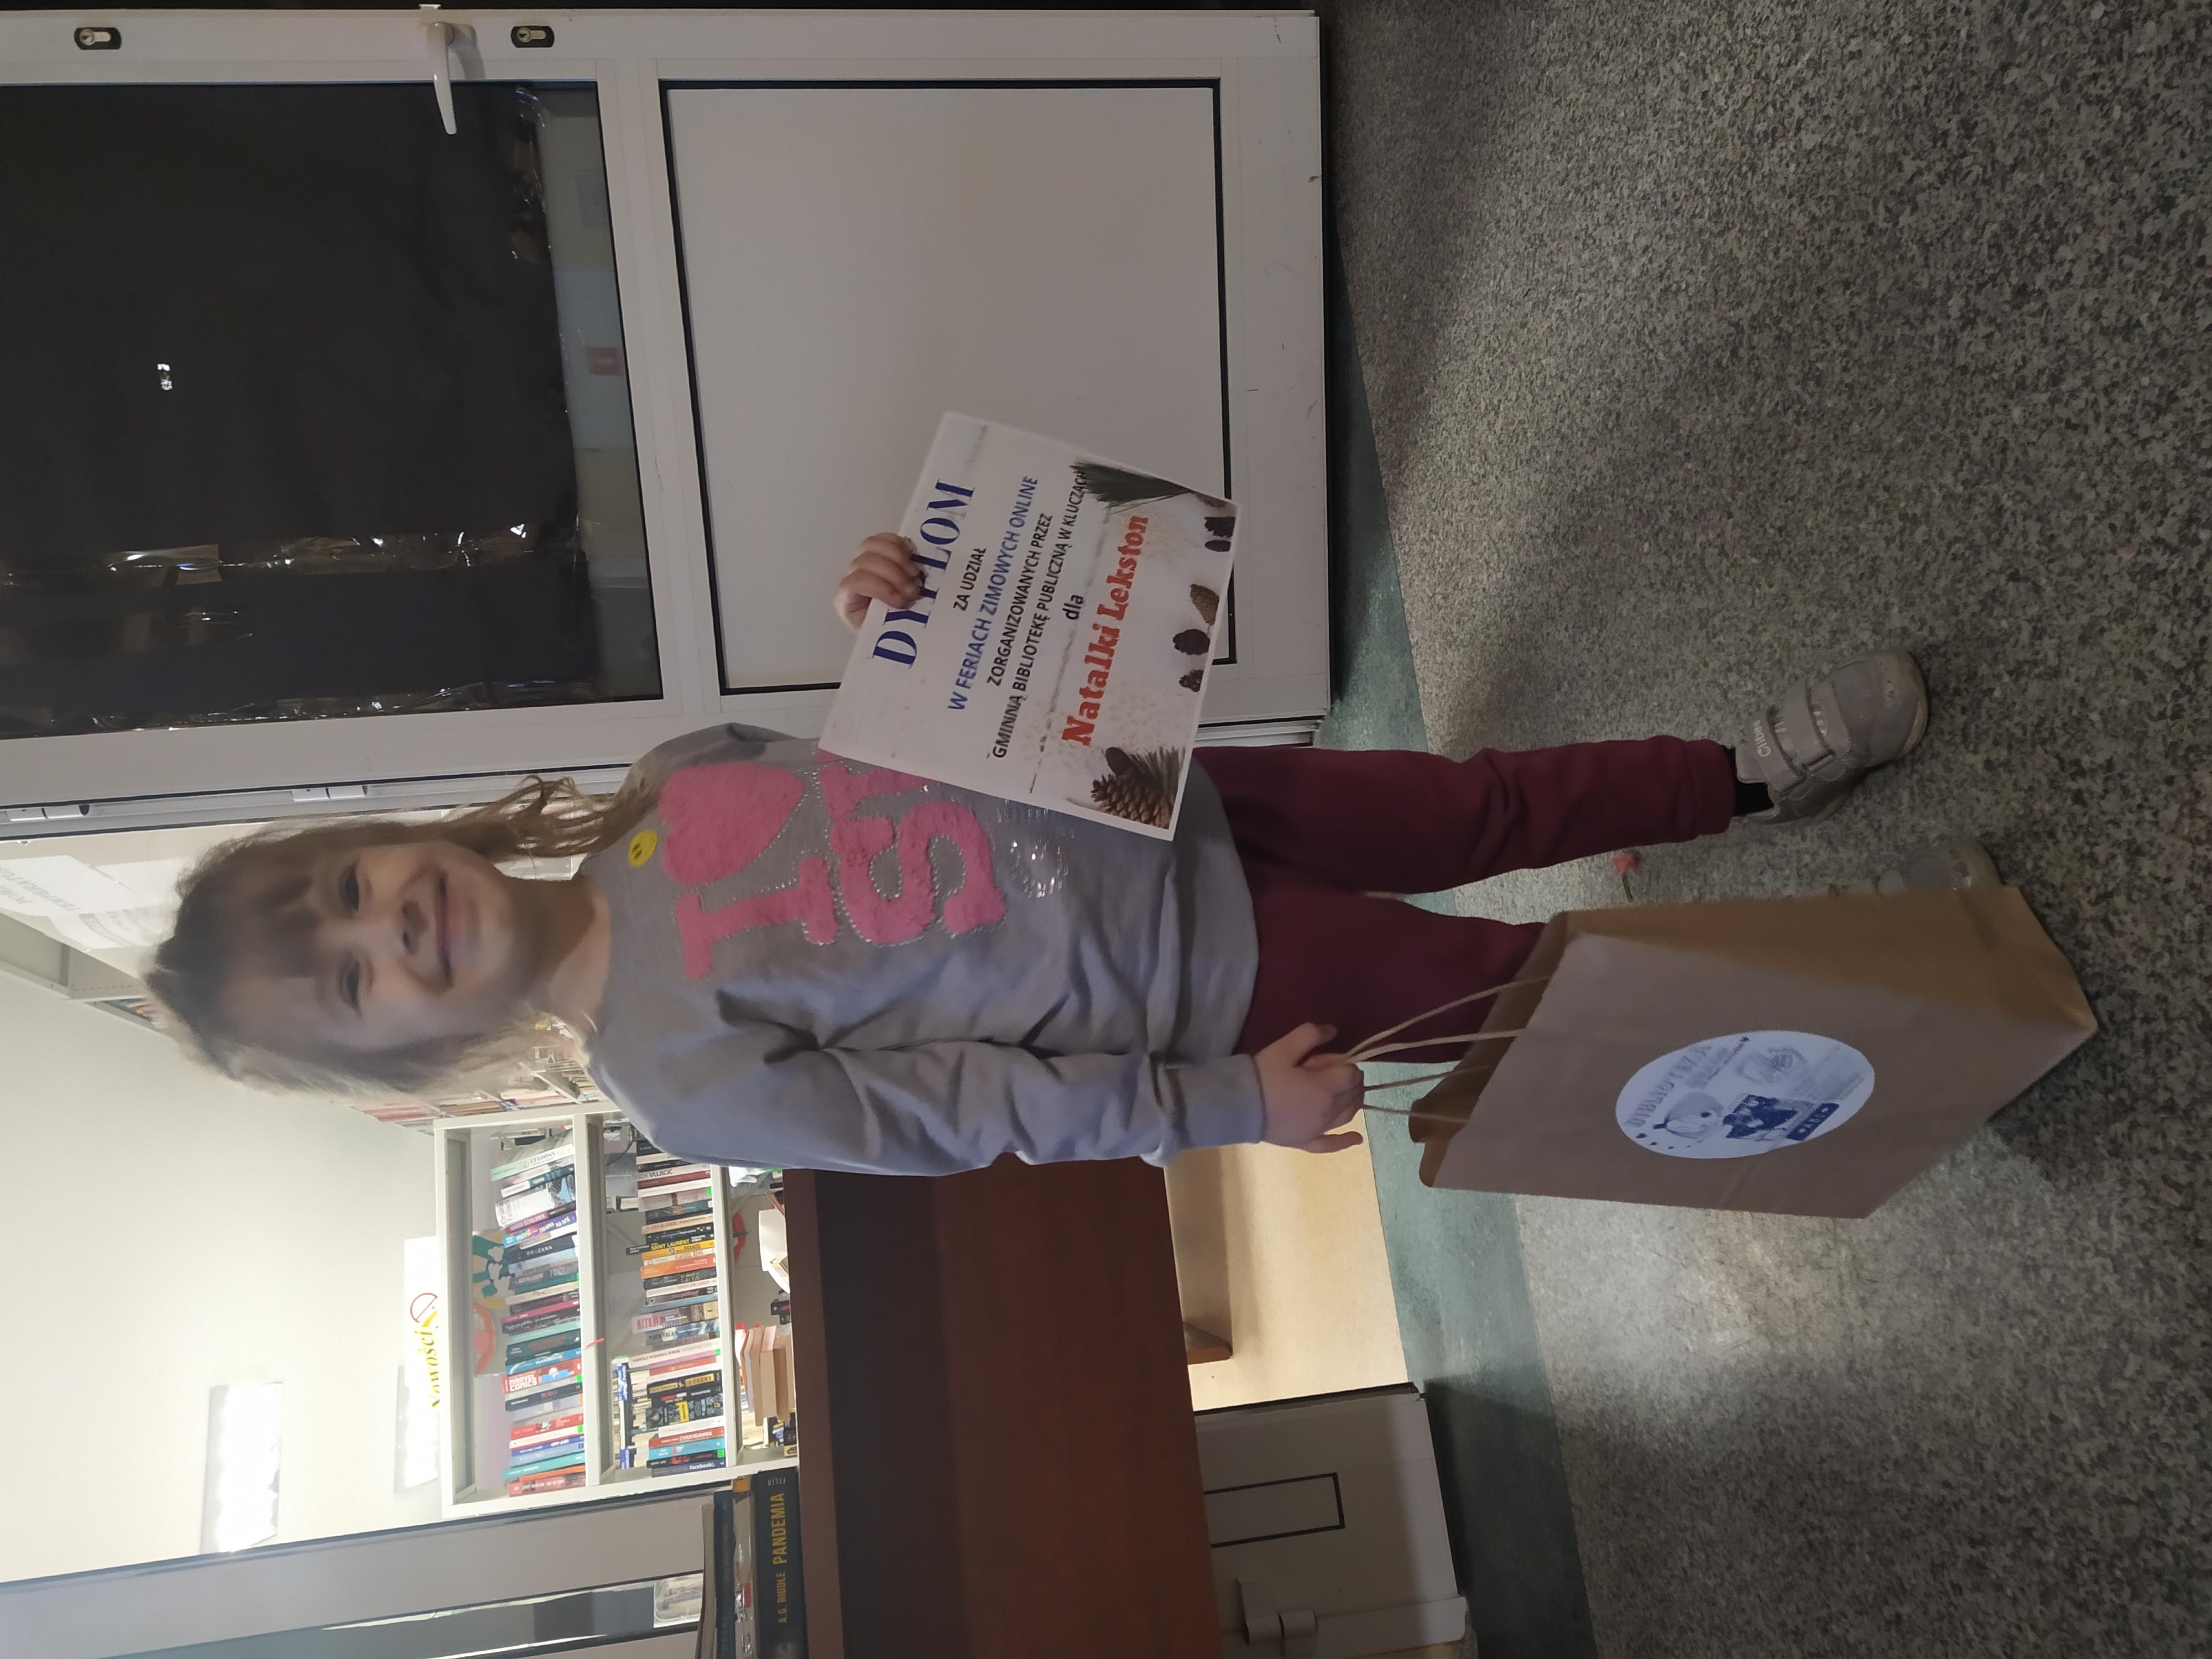 Na zdjęciu dzieczynka, która stoi prerzed wejściem do biblioteki i usmiechnięta trzyma dymlom w prawej dłoni, a w lewej torbę papierową z nagrodami. Za dziewczynką stoi stolik koloru brazowego, a za stolikiem widac regła w ksiązkami